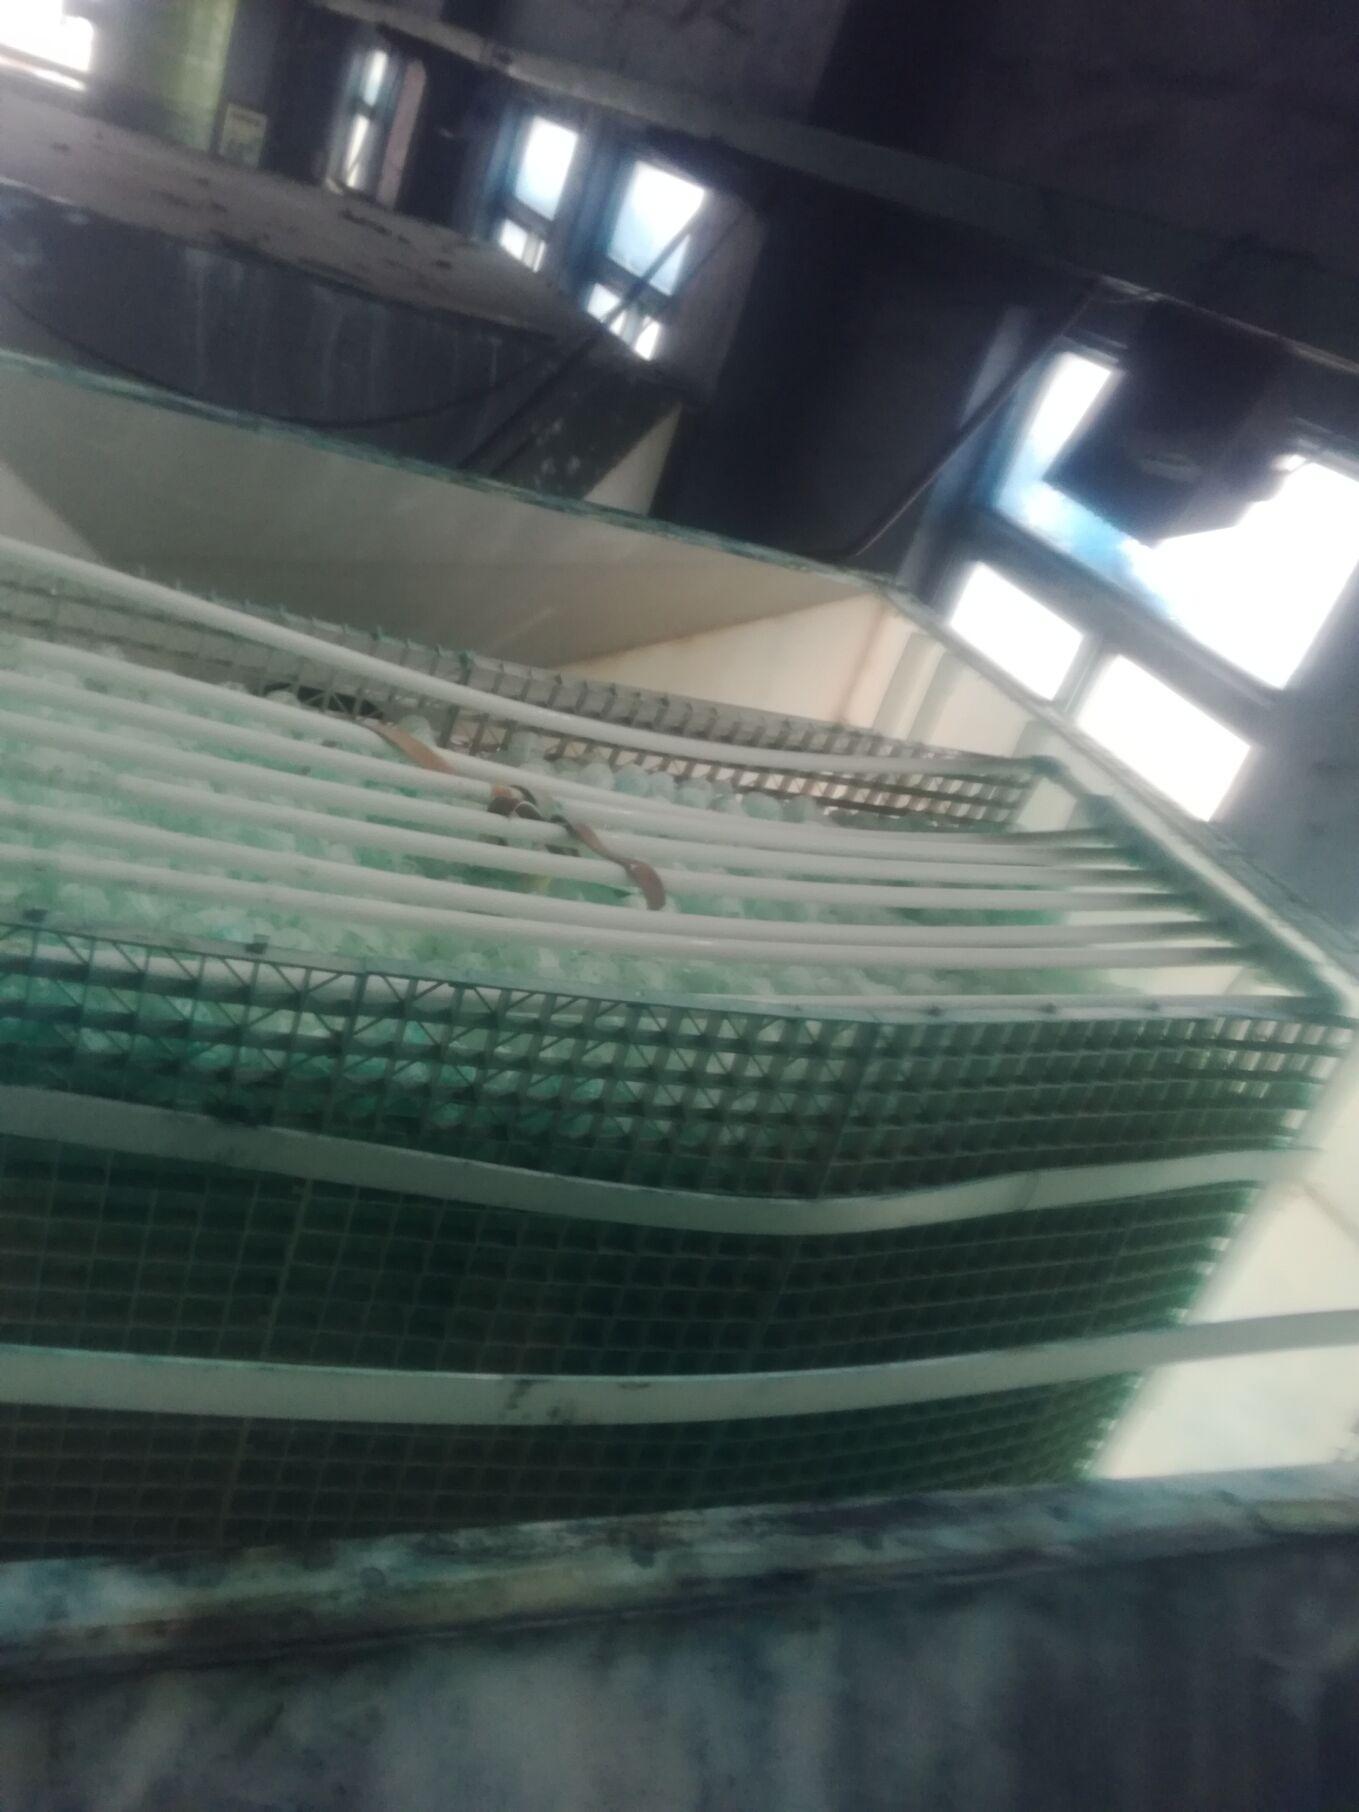 塑料加工贝博|唯一授权处理设备再生塑料造粒贝博|唯一授权处理设备